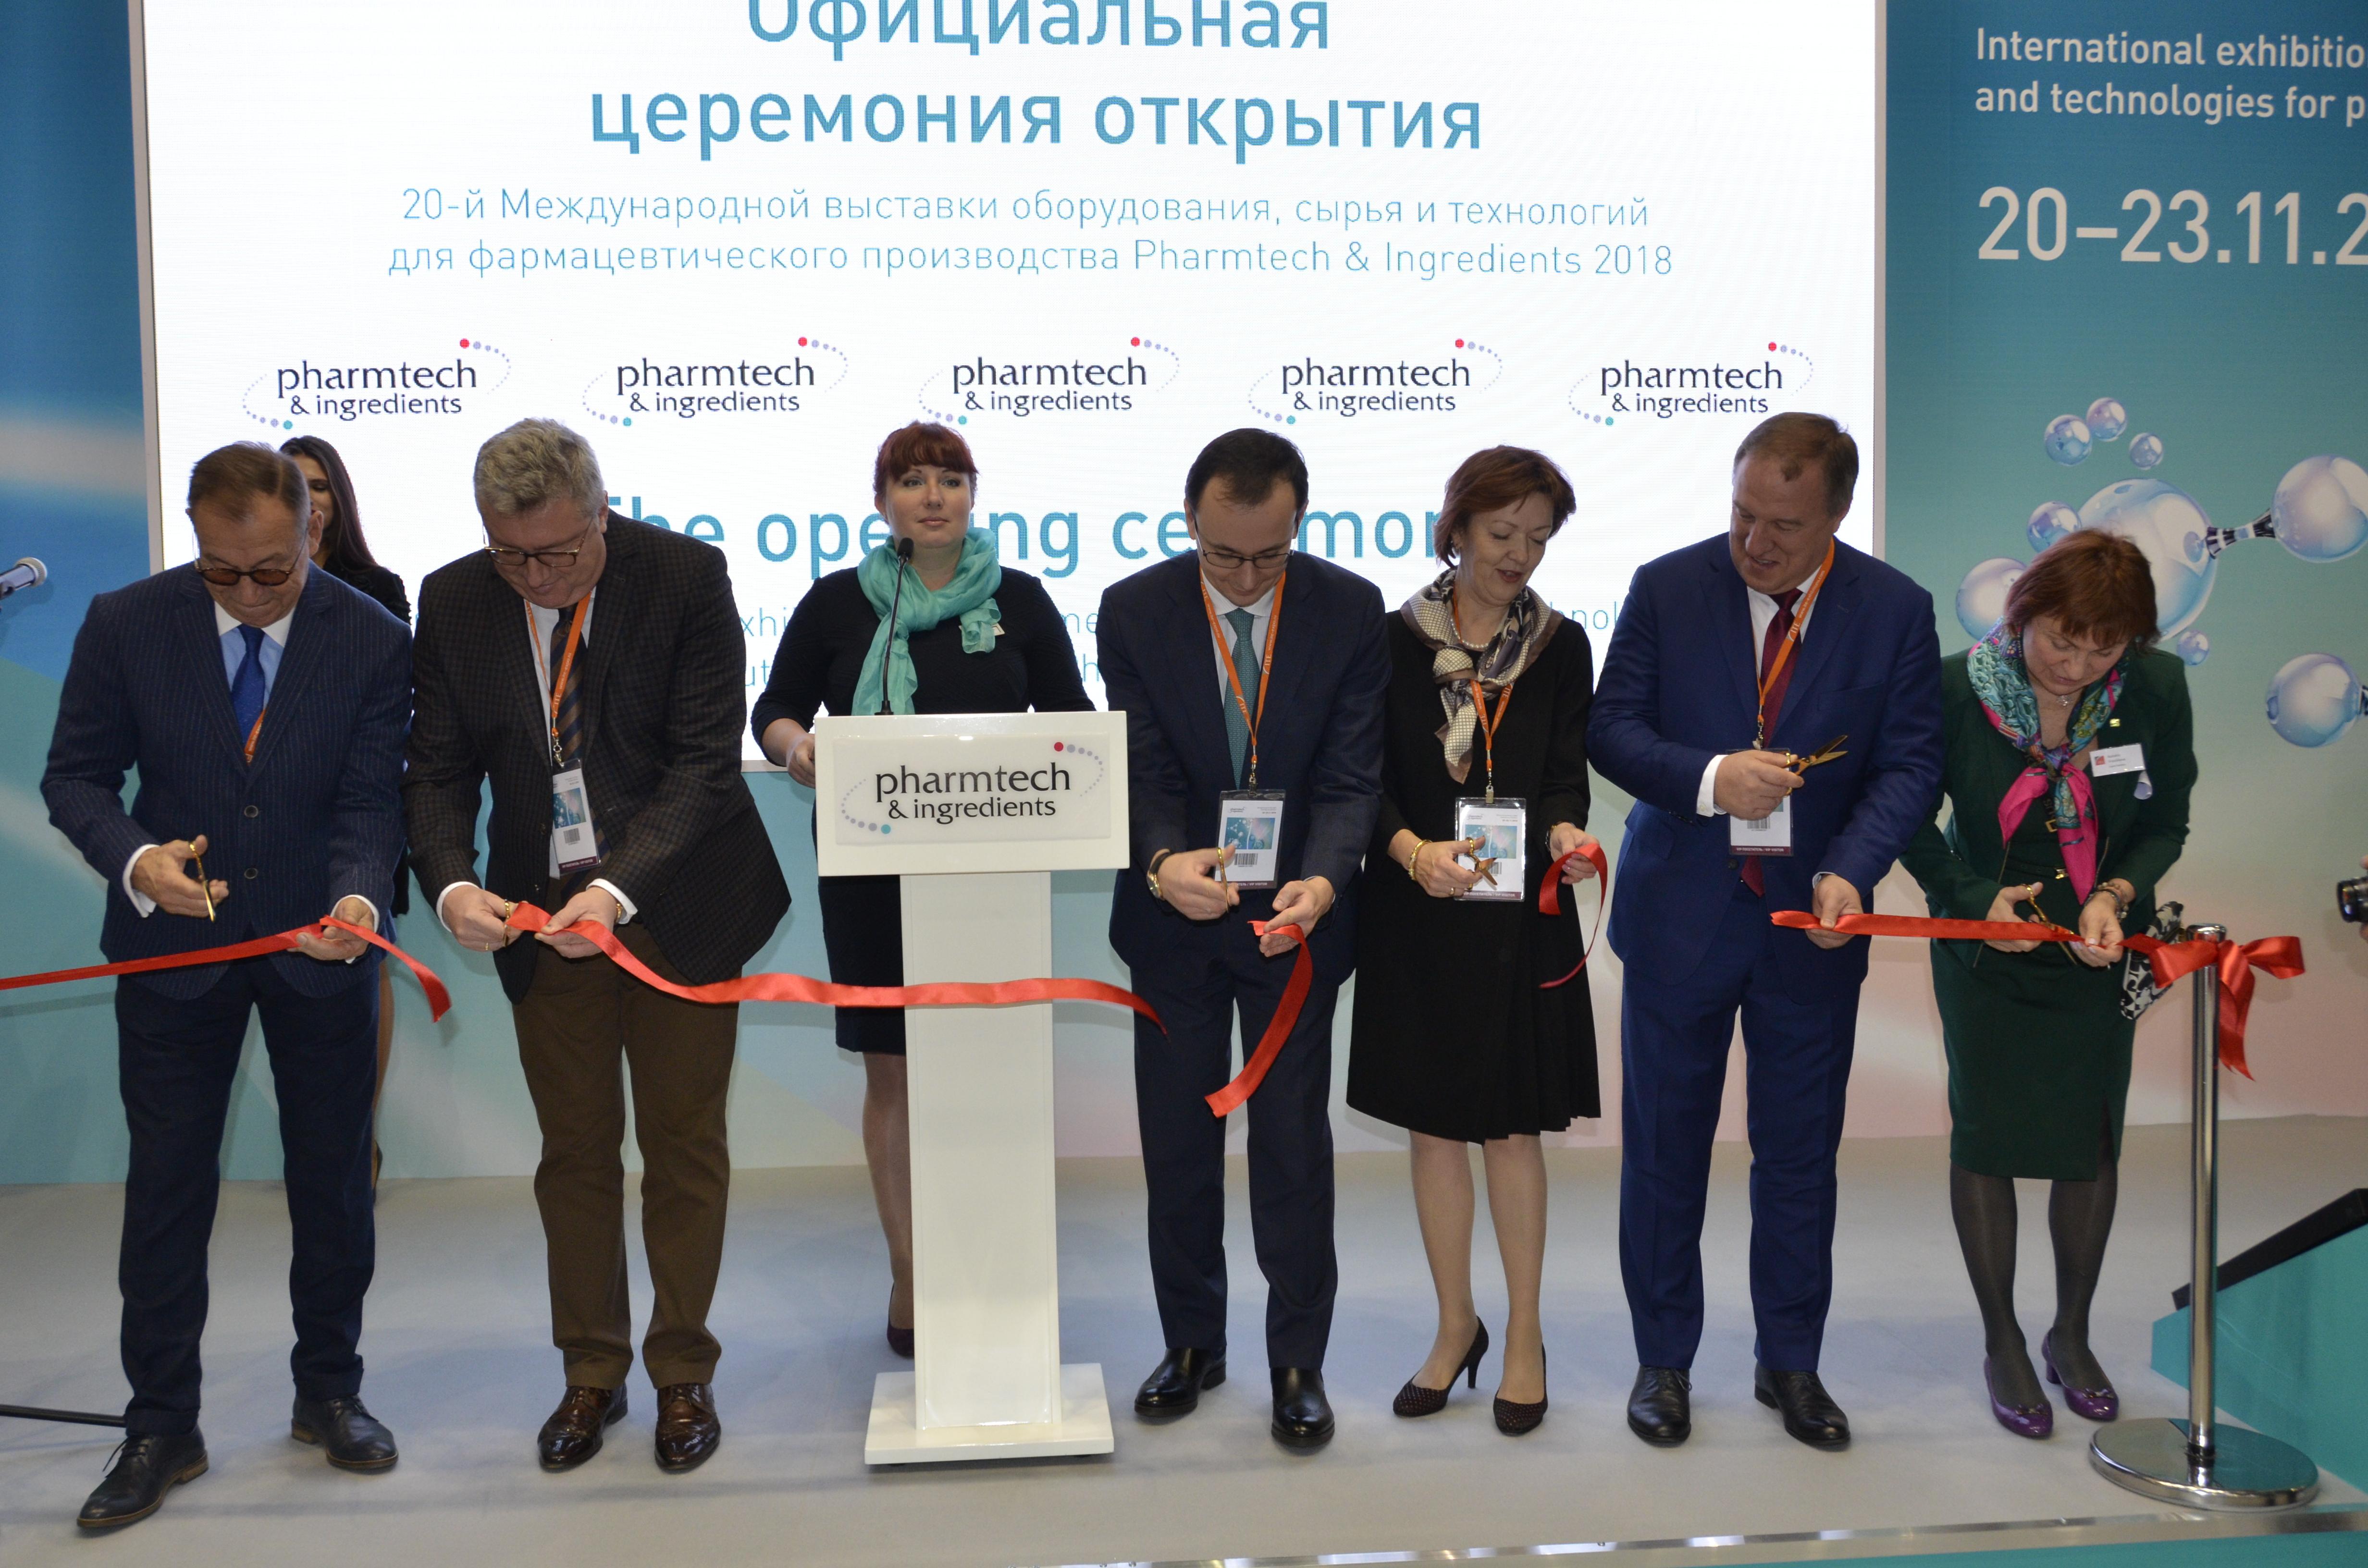 Юбилейная выставка Pharmtech & Ingredients продемонстрировала рекордный рост числа участников и посетителей